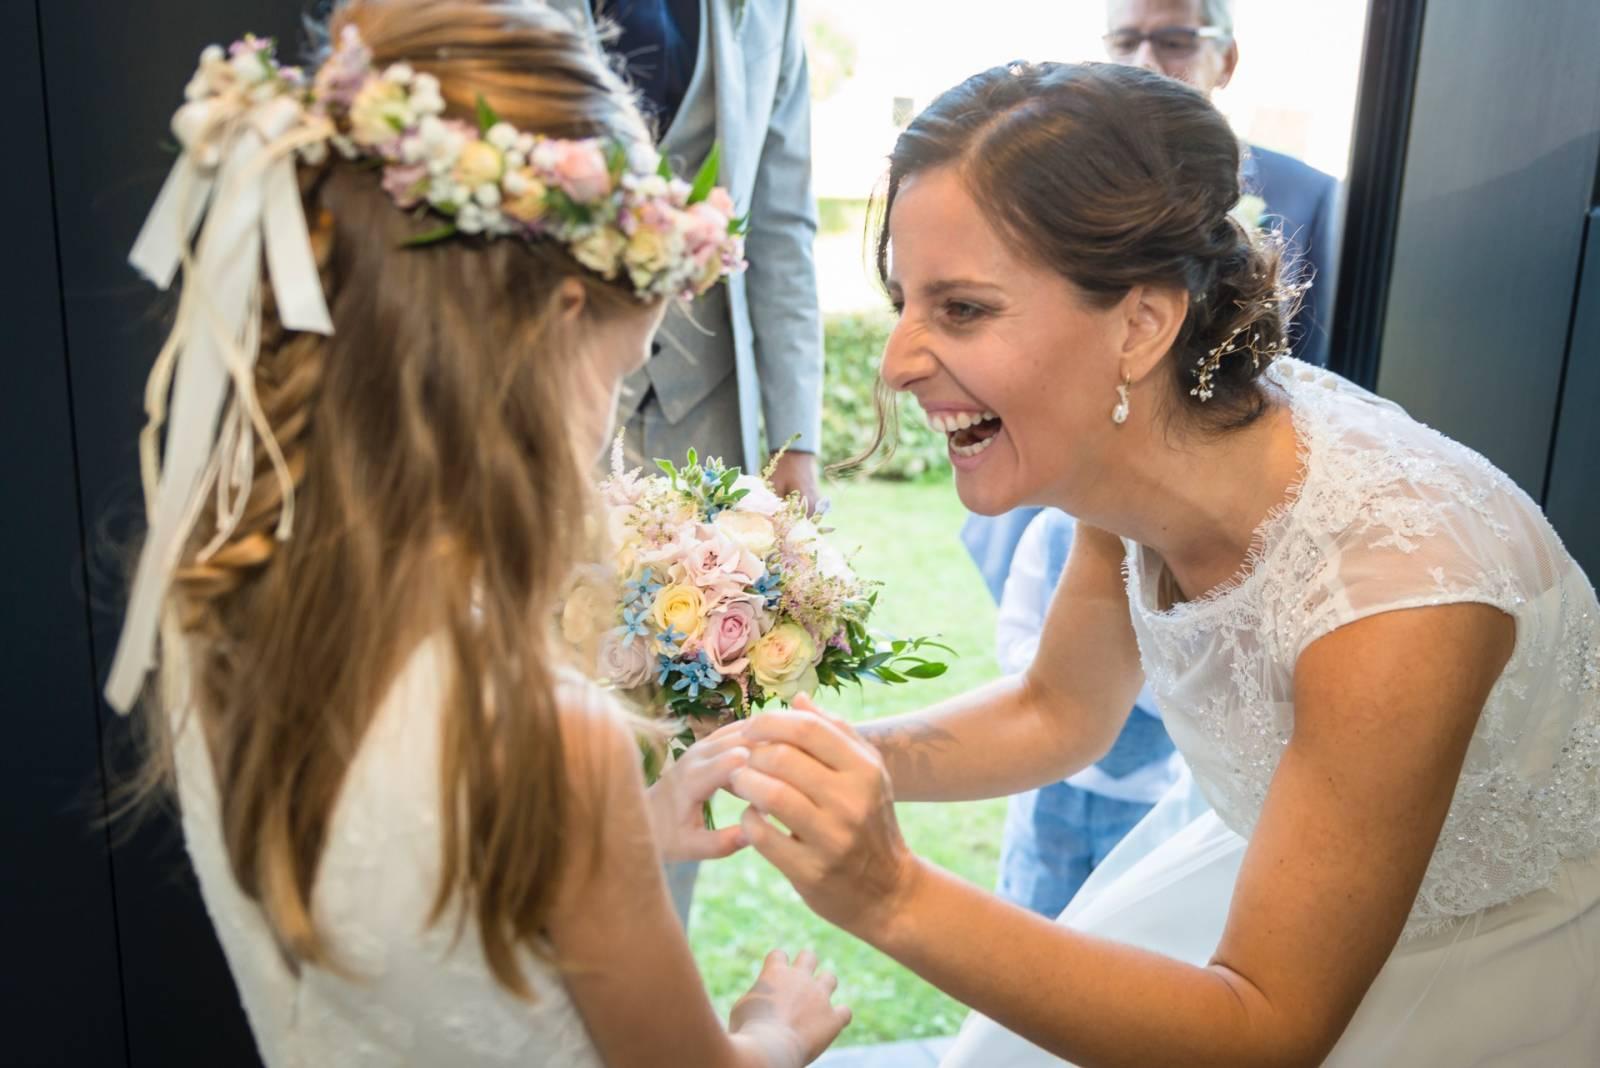 Annick Van Wesemael - Bloemen - Bruidsboeket - Tom Talloen - House of Weddings - 3 2